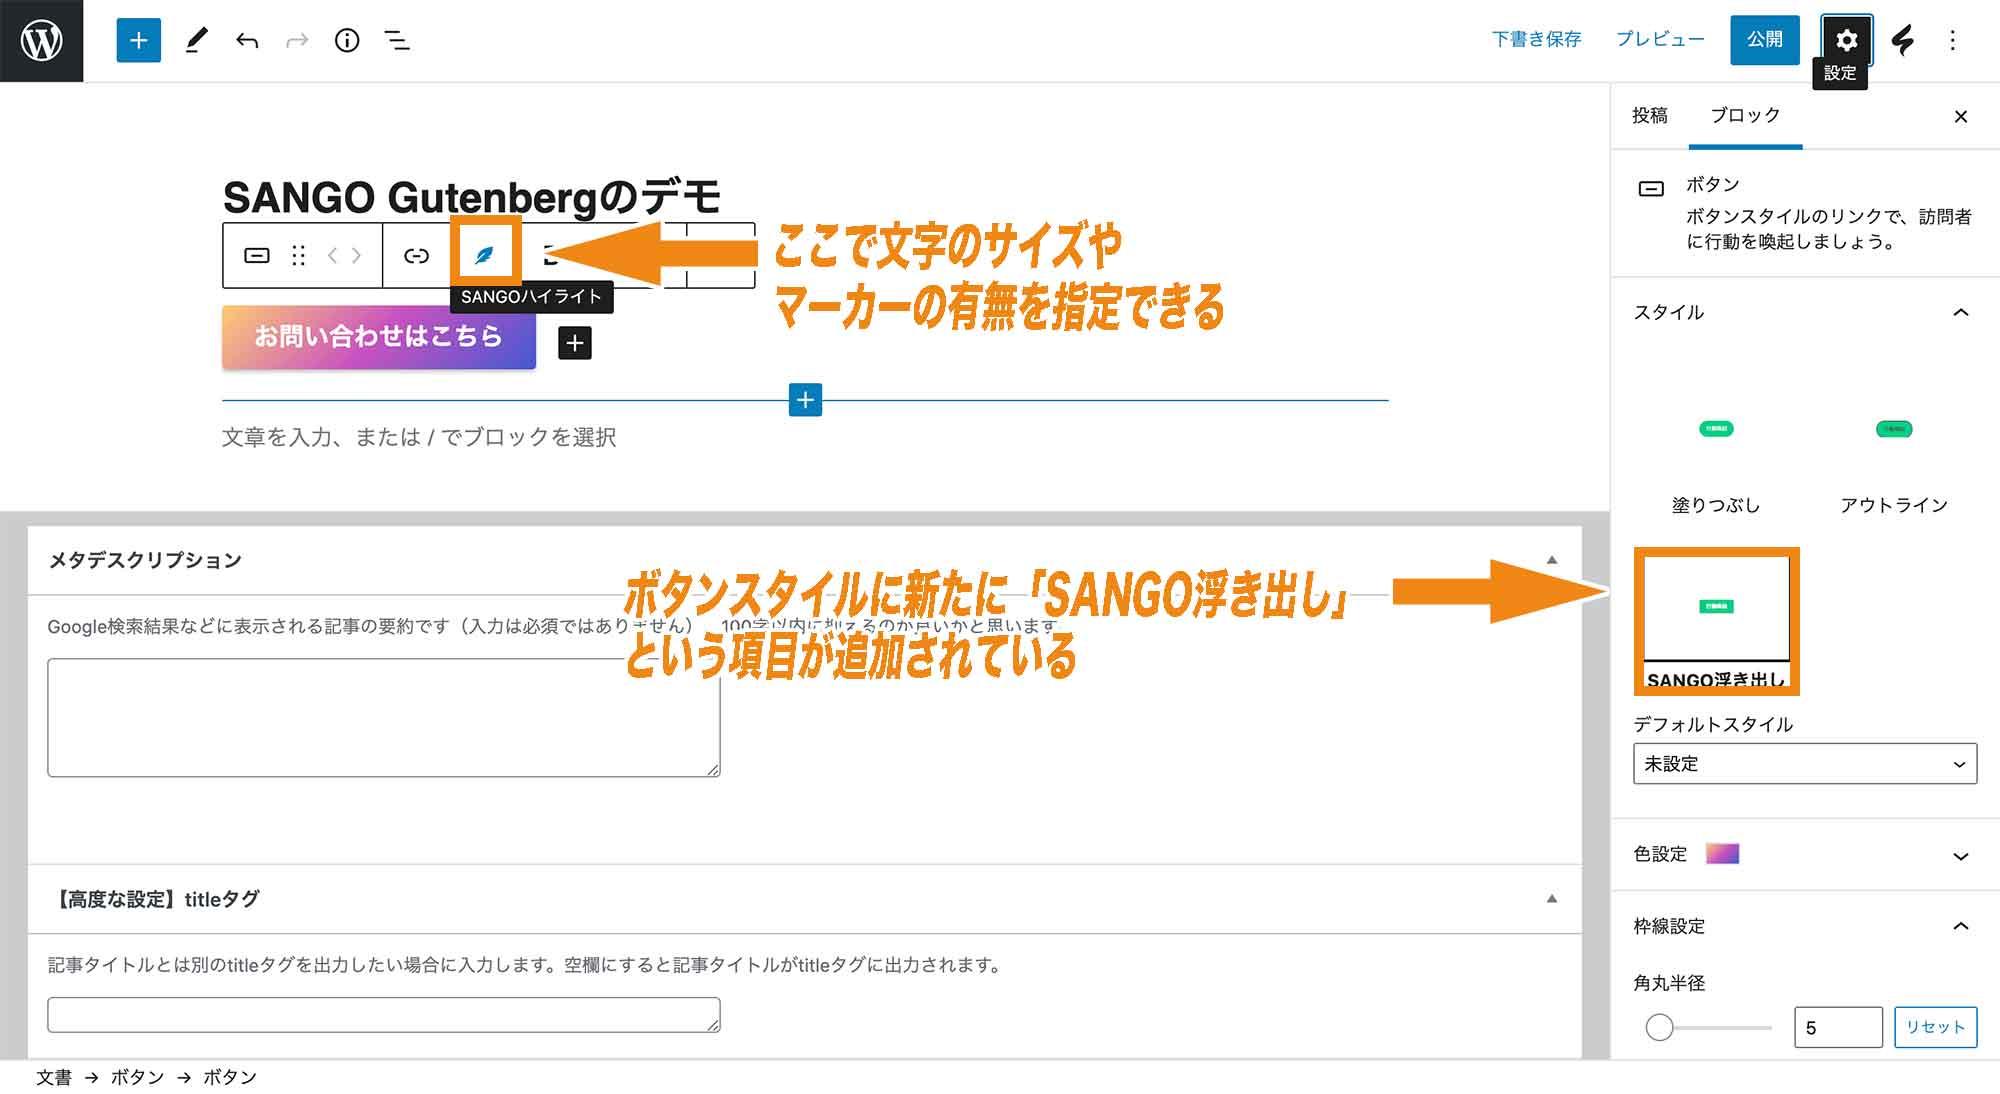 ボタンブロックに対して追加されているSANGO gutenbergの設定項目